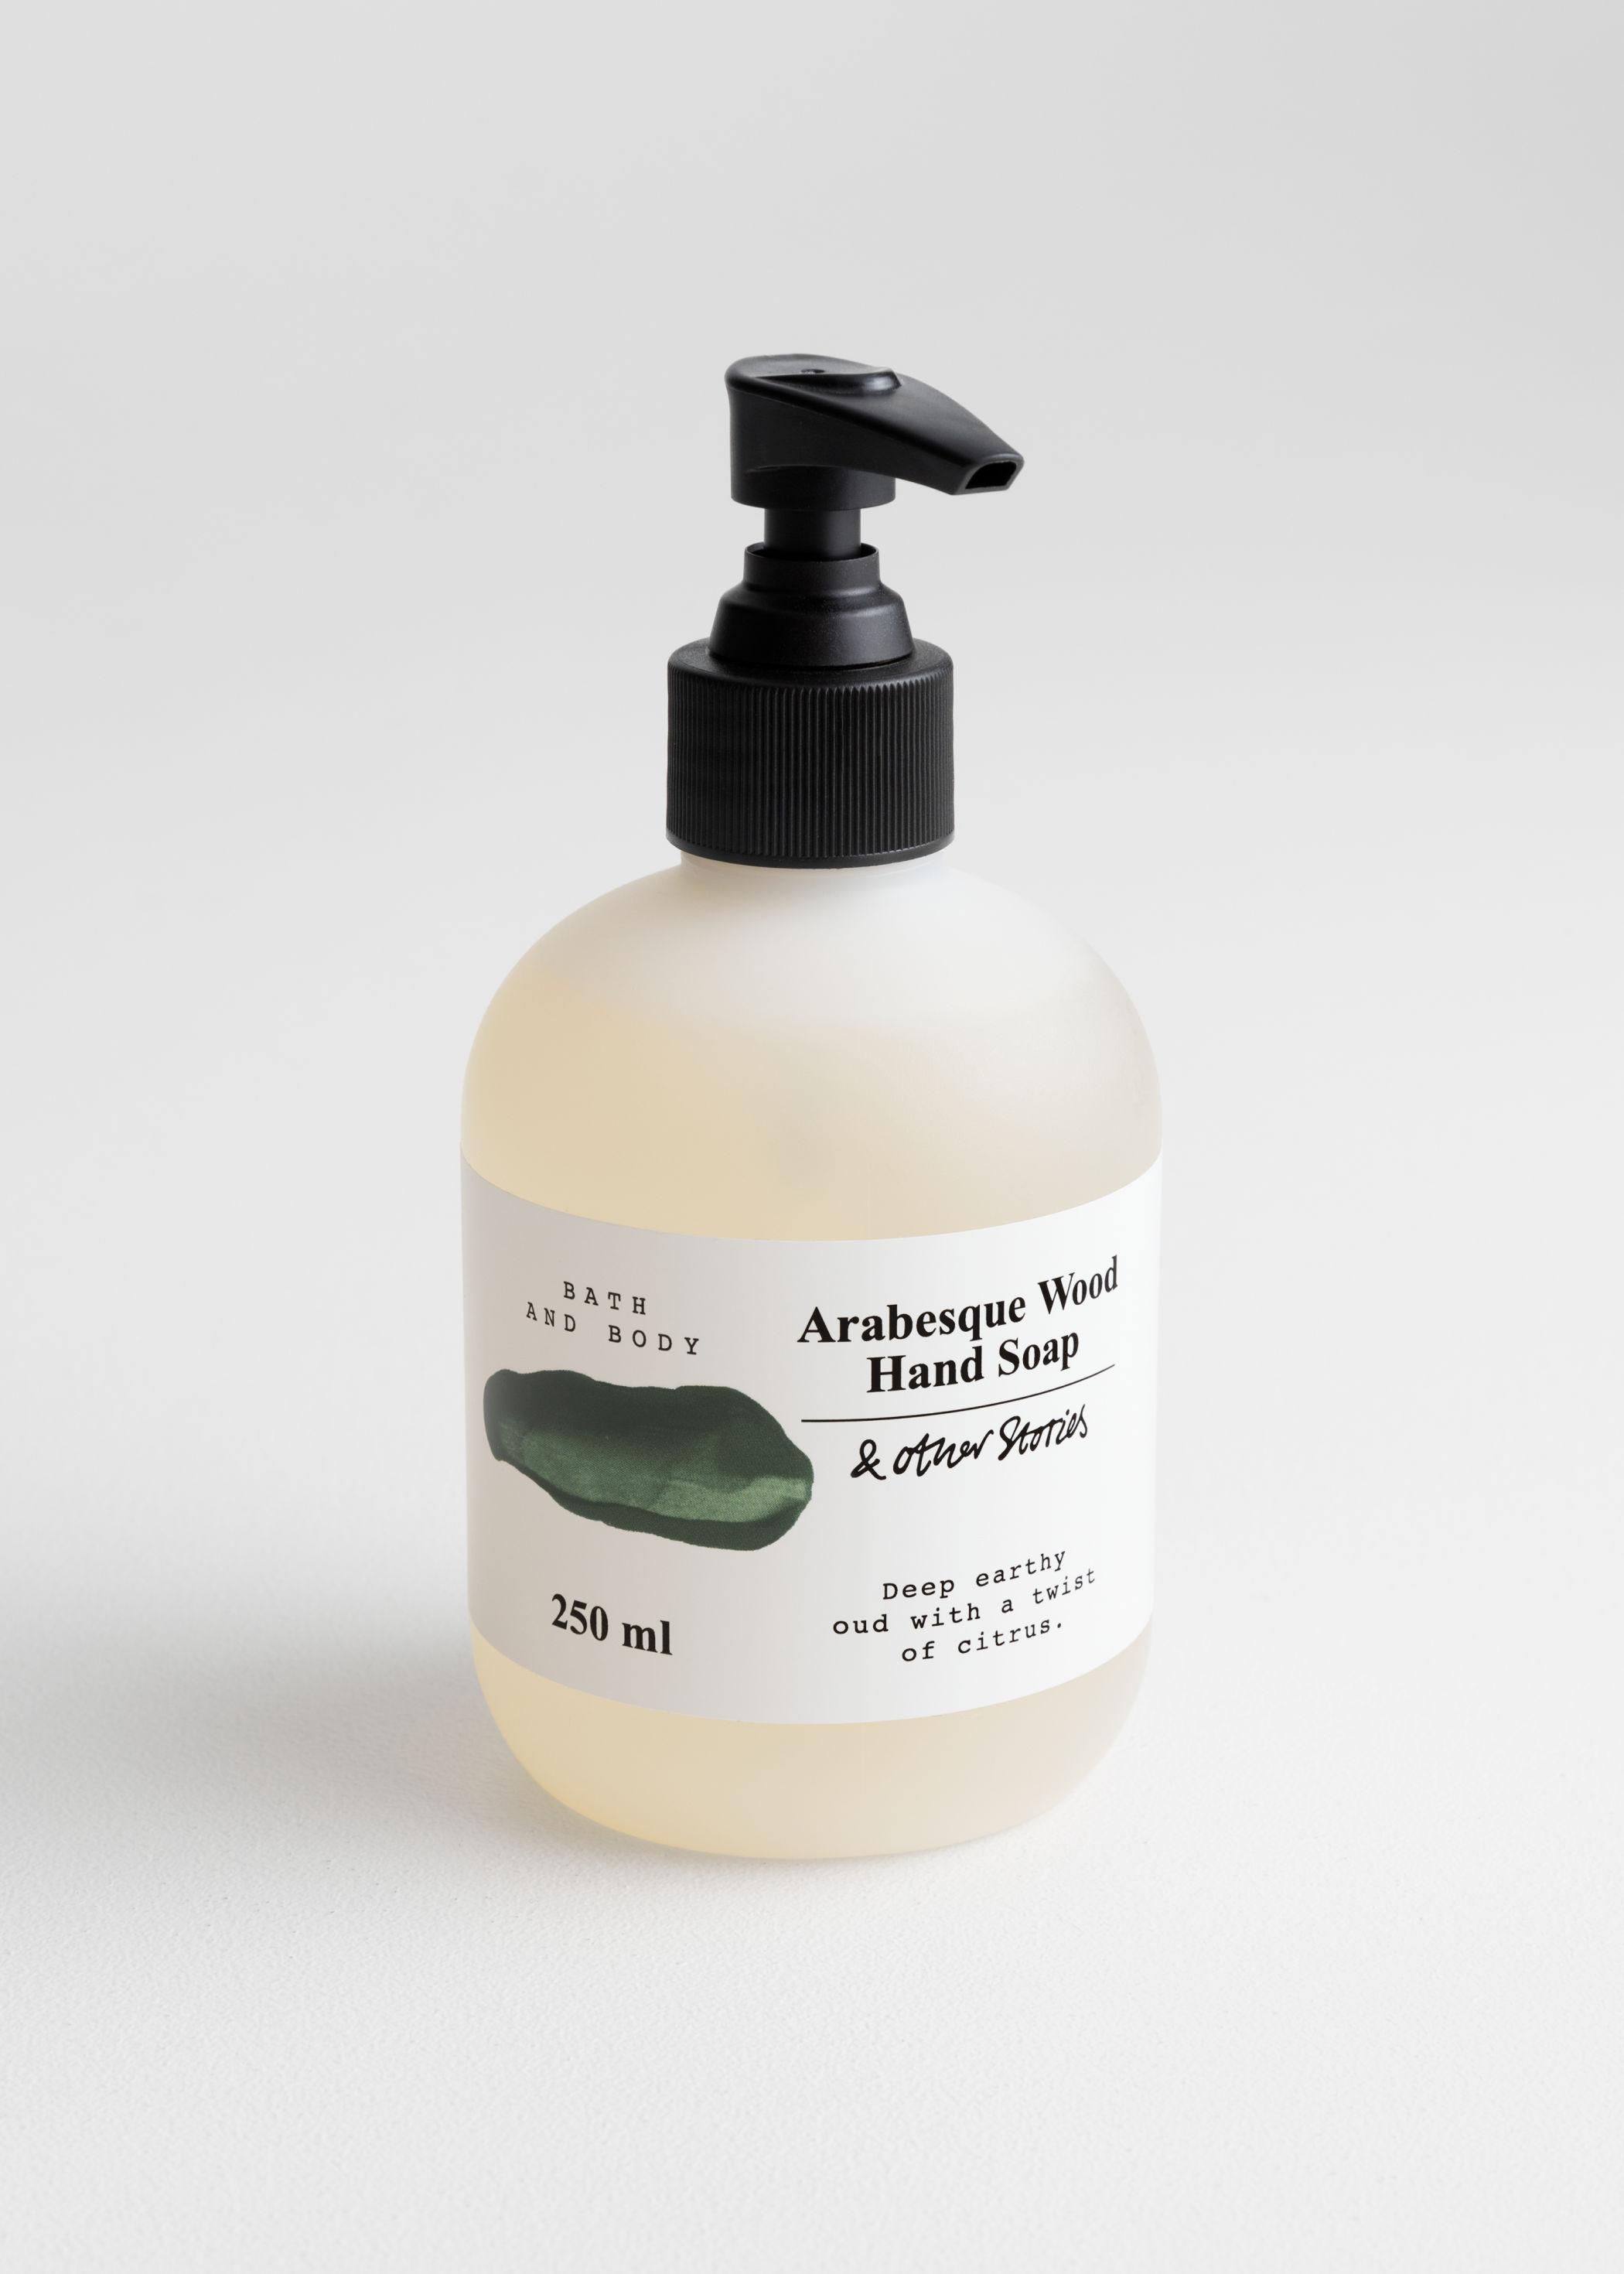 앤 아더 스토리즈 아라베스크 우드 손 세정제 & OTHER STORIES Arabesque Wood Hand Soap